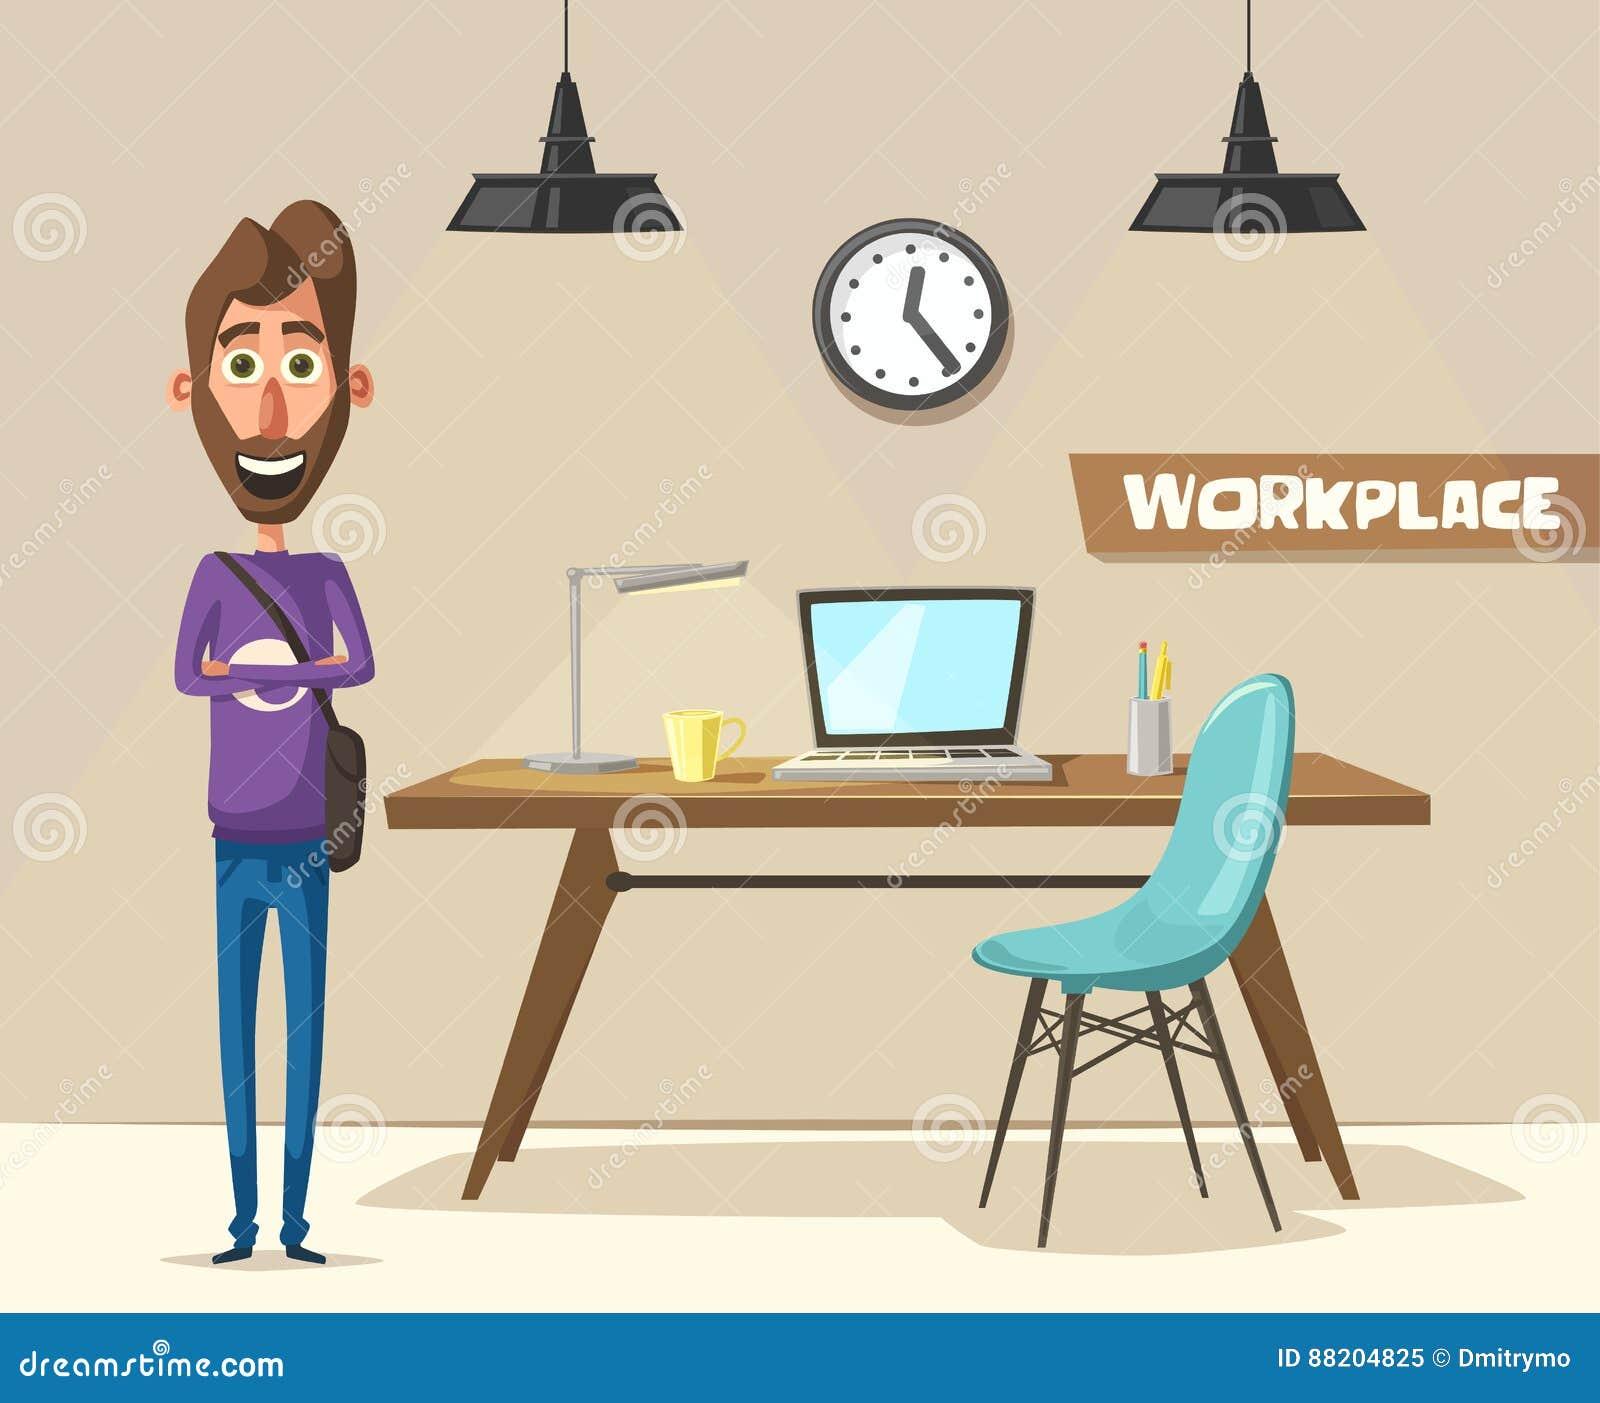 Cartoon Character Design Website : Modern workplace creative character office work cartoon